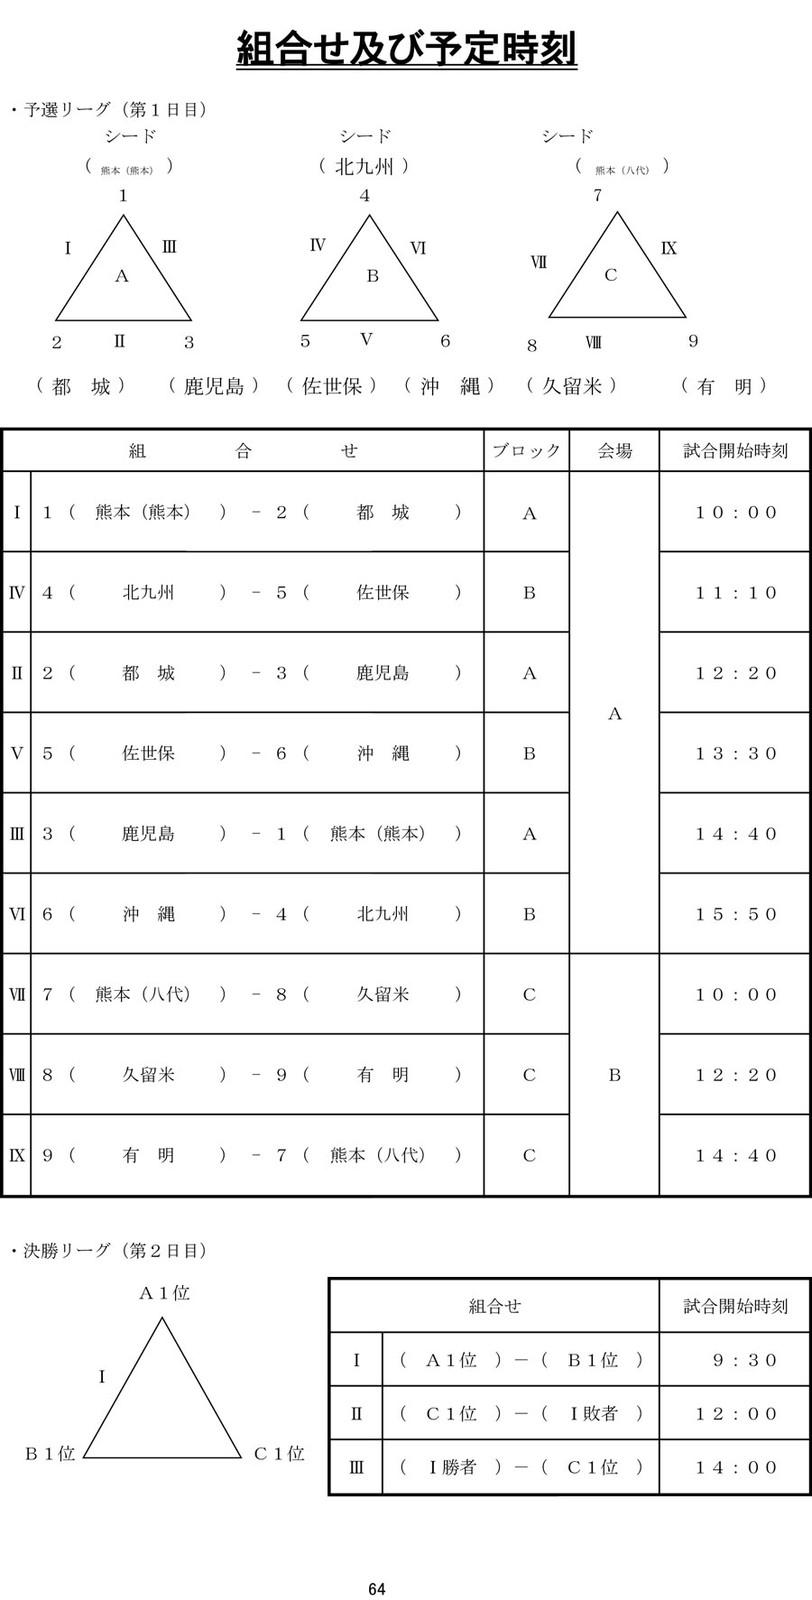 2013kousen_kousentaikai_kumiawase